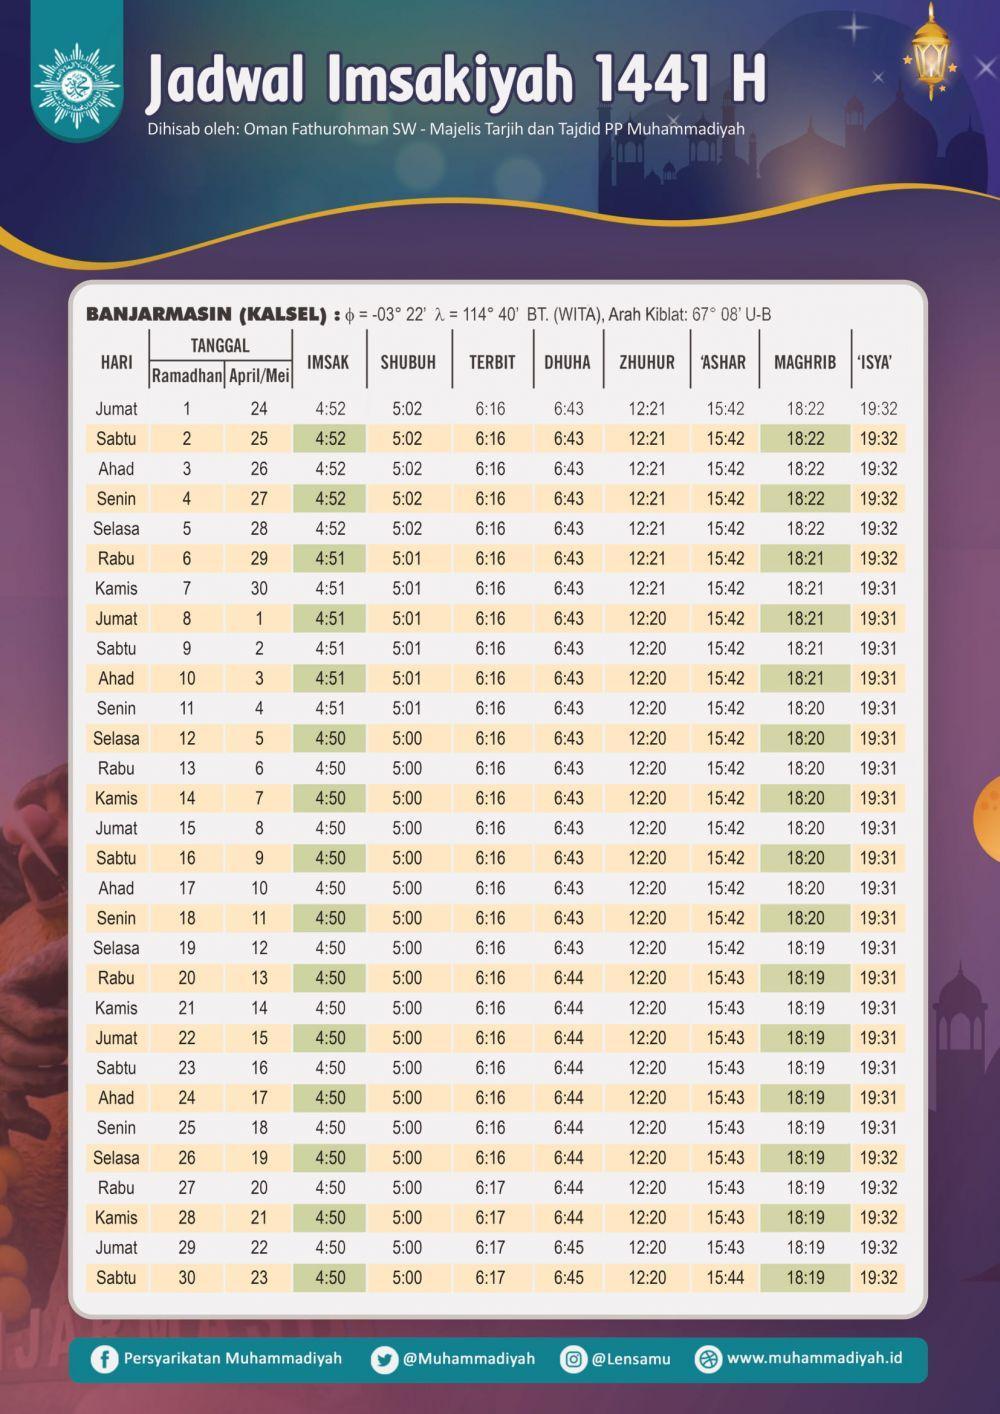 Jadwal Imsakiyah dan Buka Puasa Ramadan 1441 H/2020 M, Banjarmasin